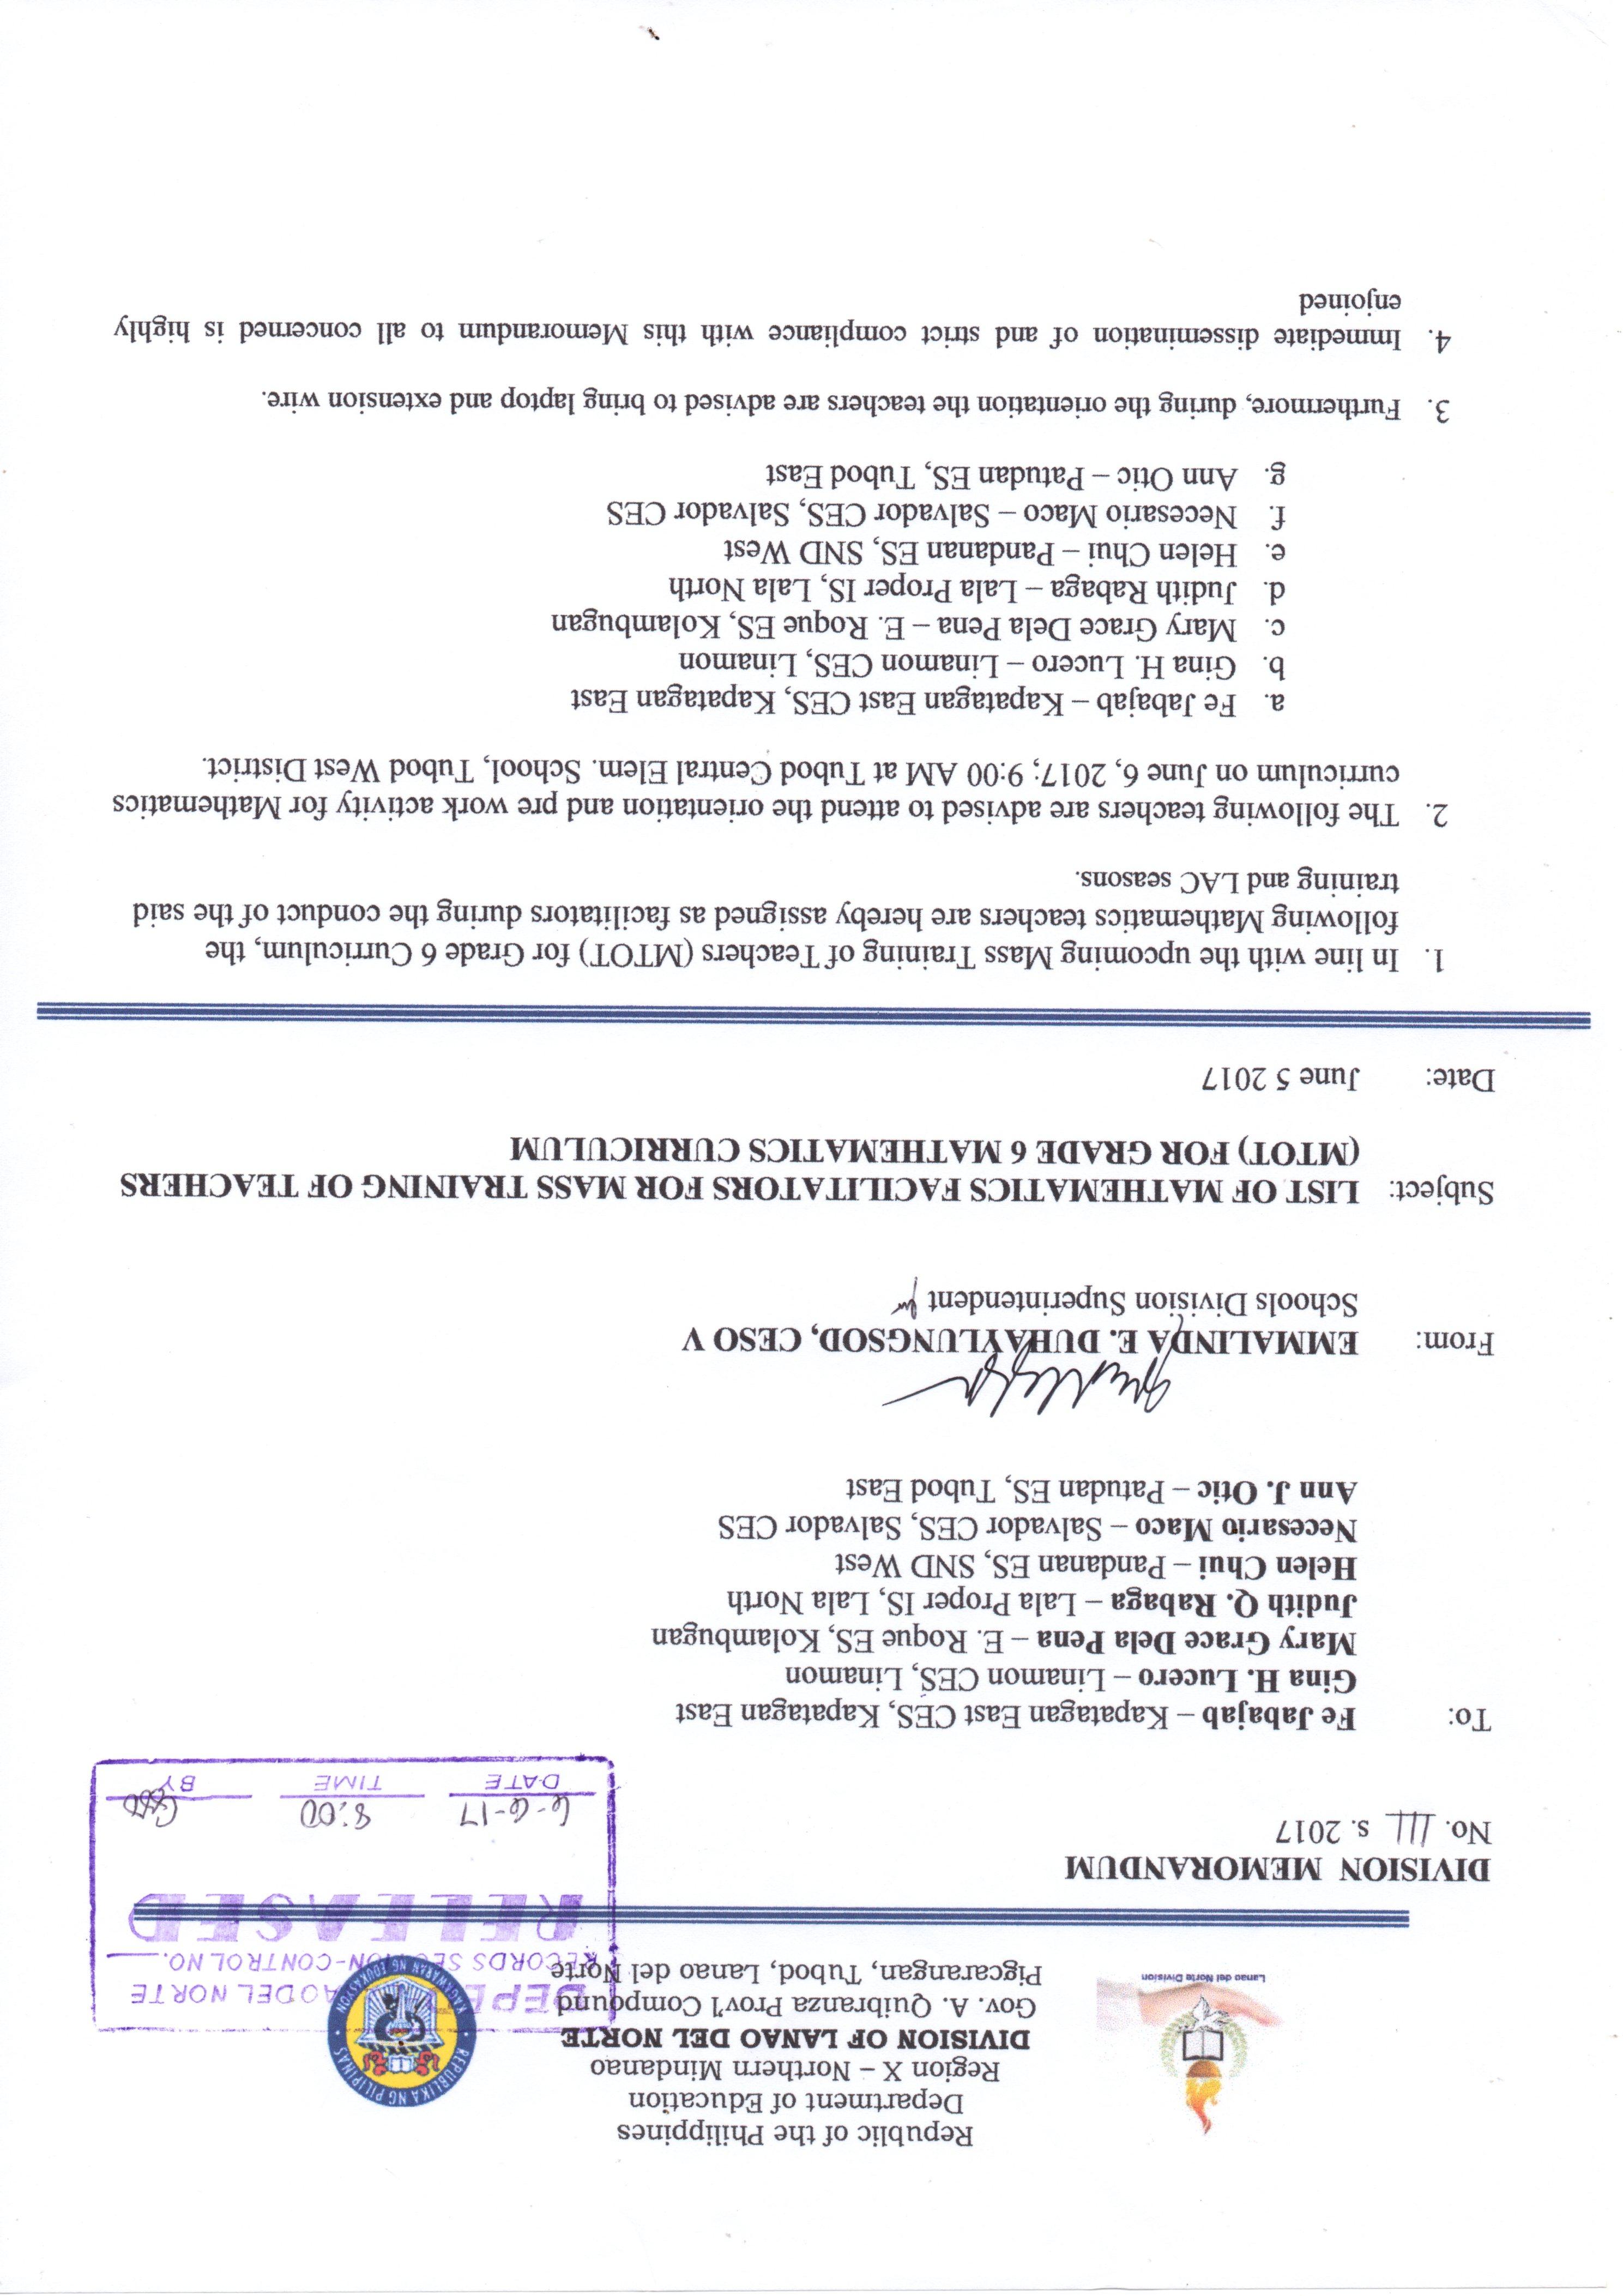 Division Memorandum | Division of Lanao del Norte